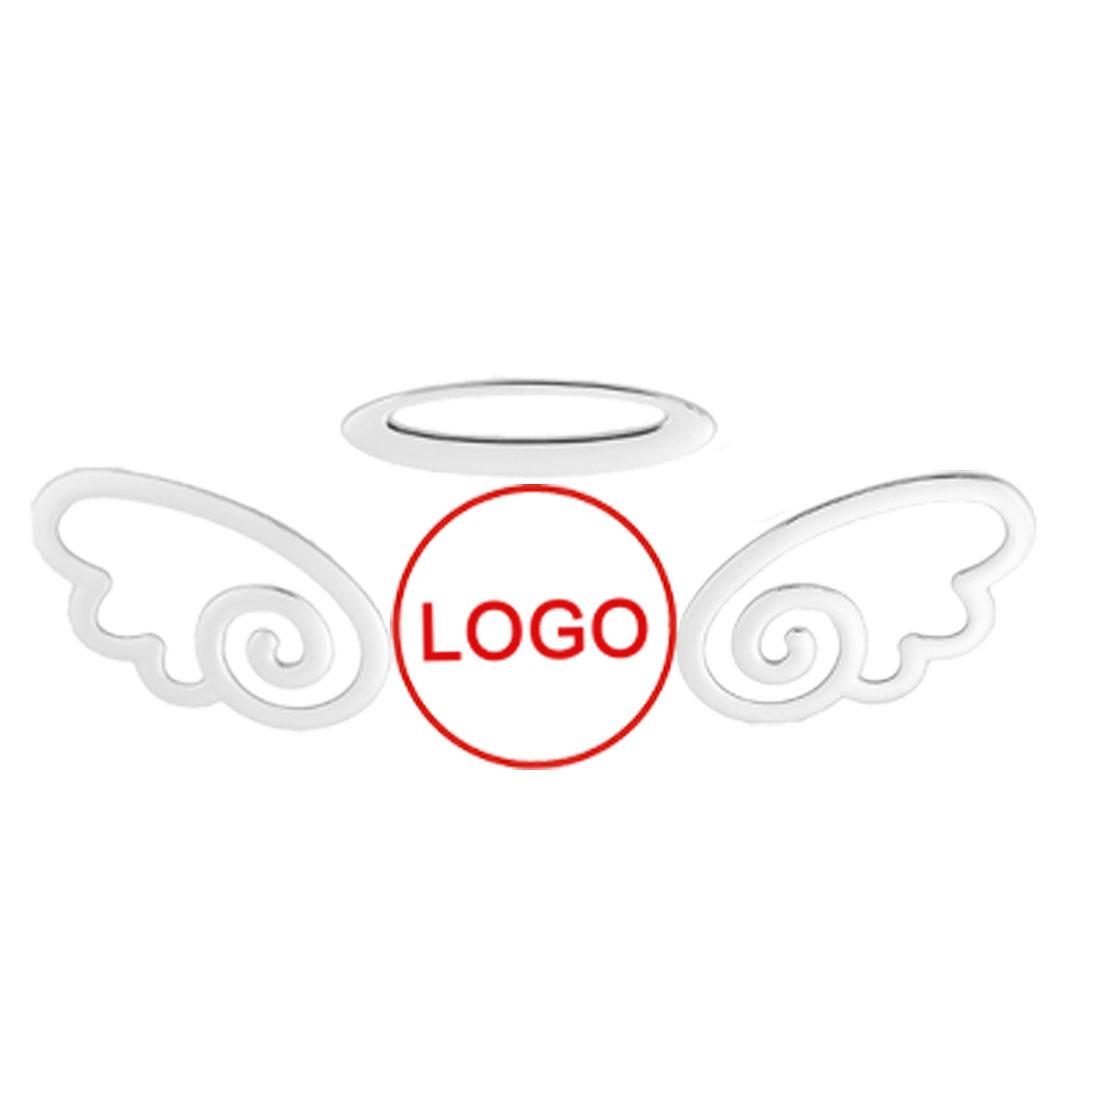 3D Cute Flying Angel Decal Sticker Car SUV Emblem Logo